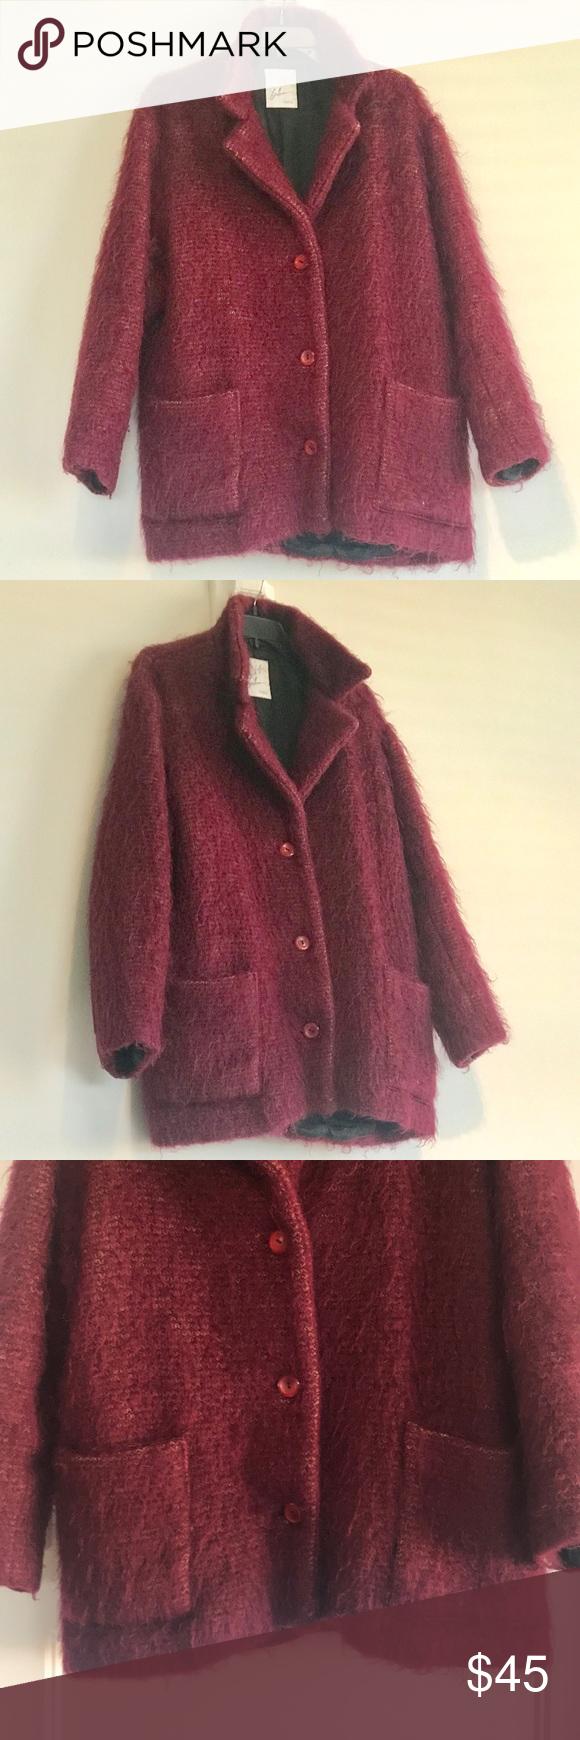 Gorgeous Burgundy Jacket SZ L